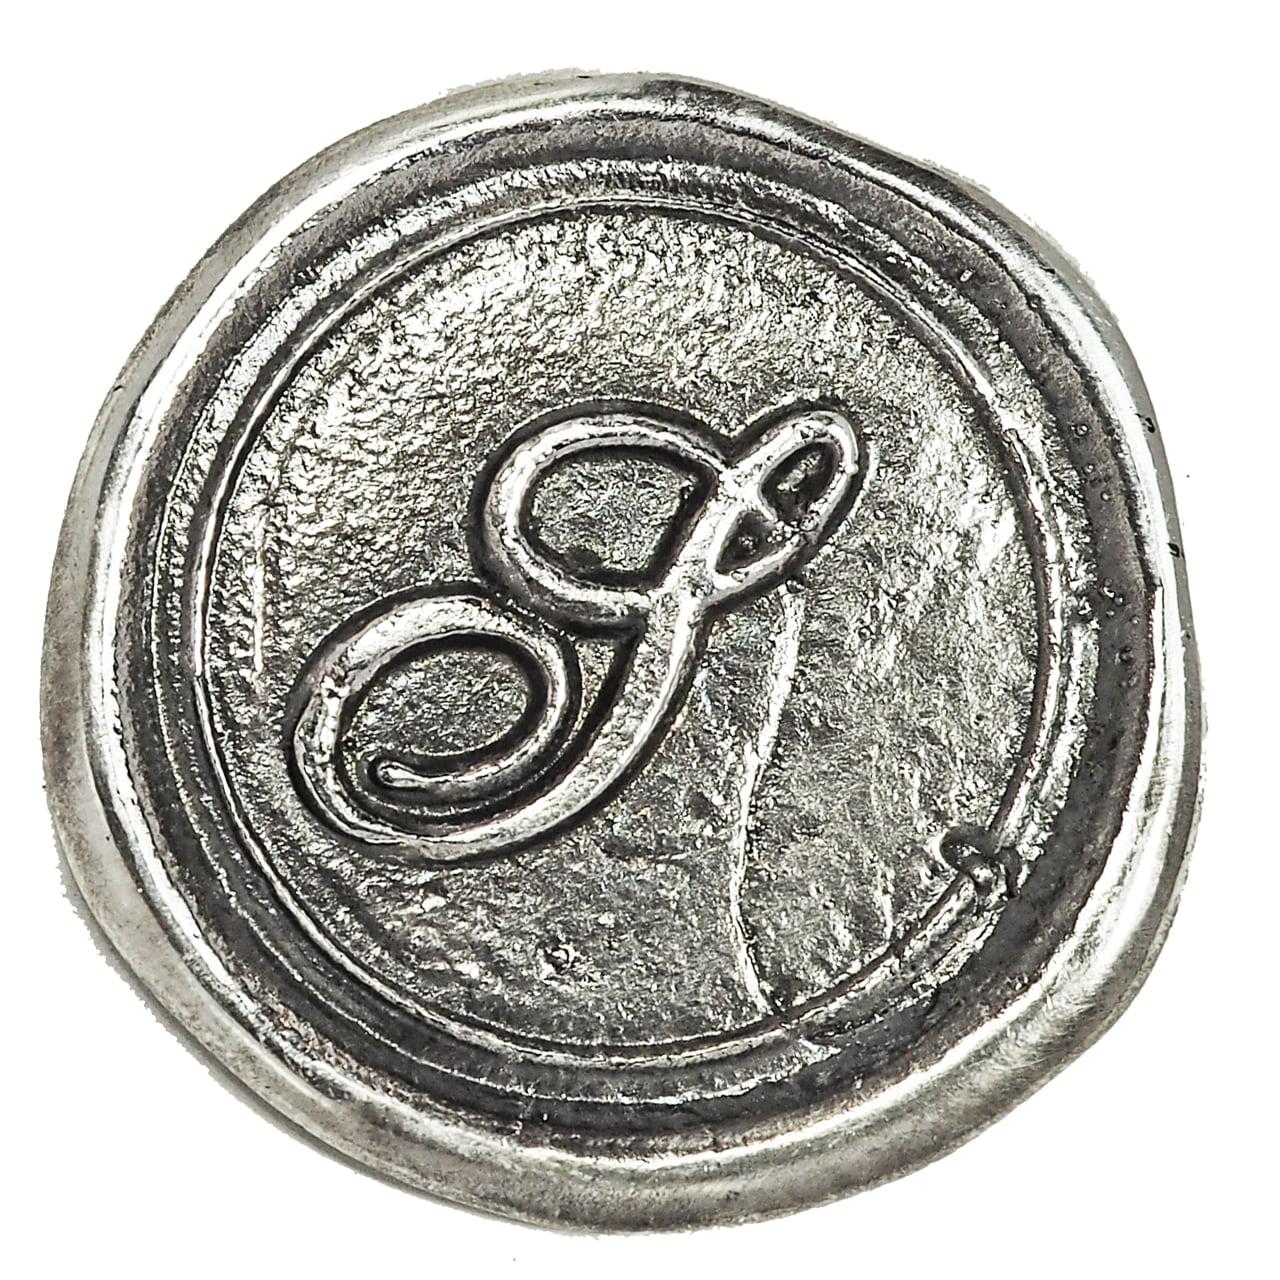 シーリングイニシャル LL 〈S〉 シルバー / コンチョボタン